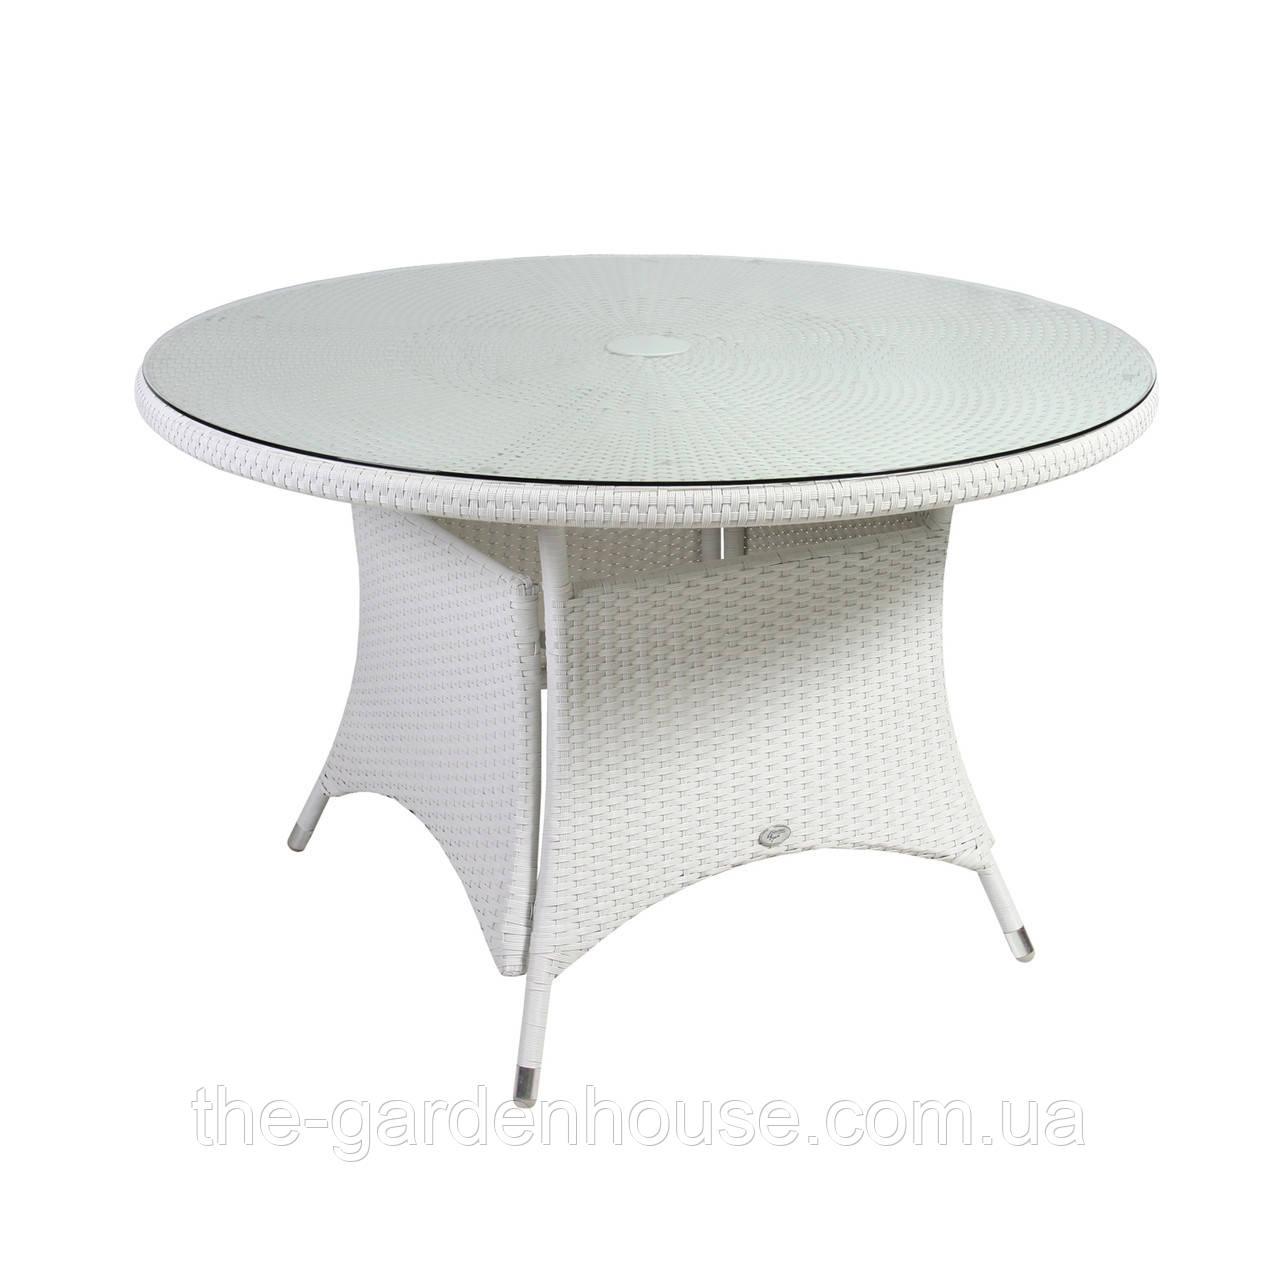 Обідній стіл з штучного ротанга Вікер Ø 123 см білий